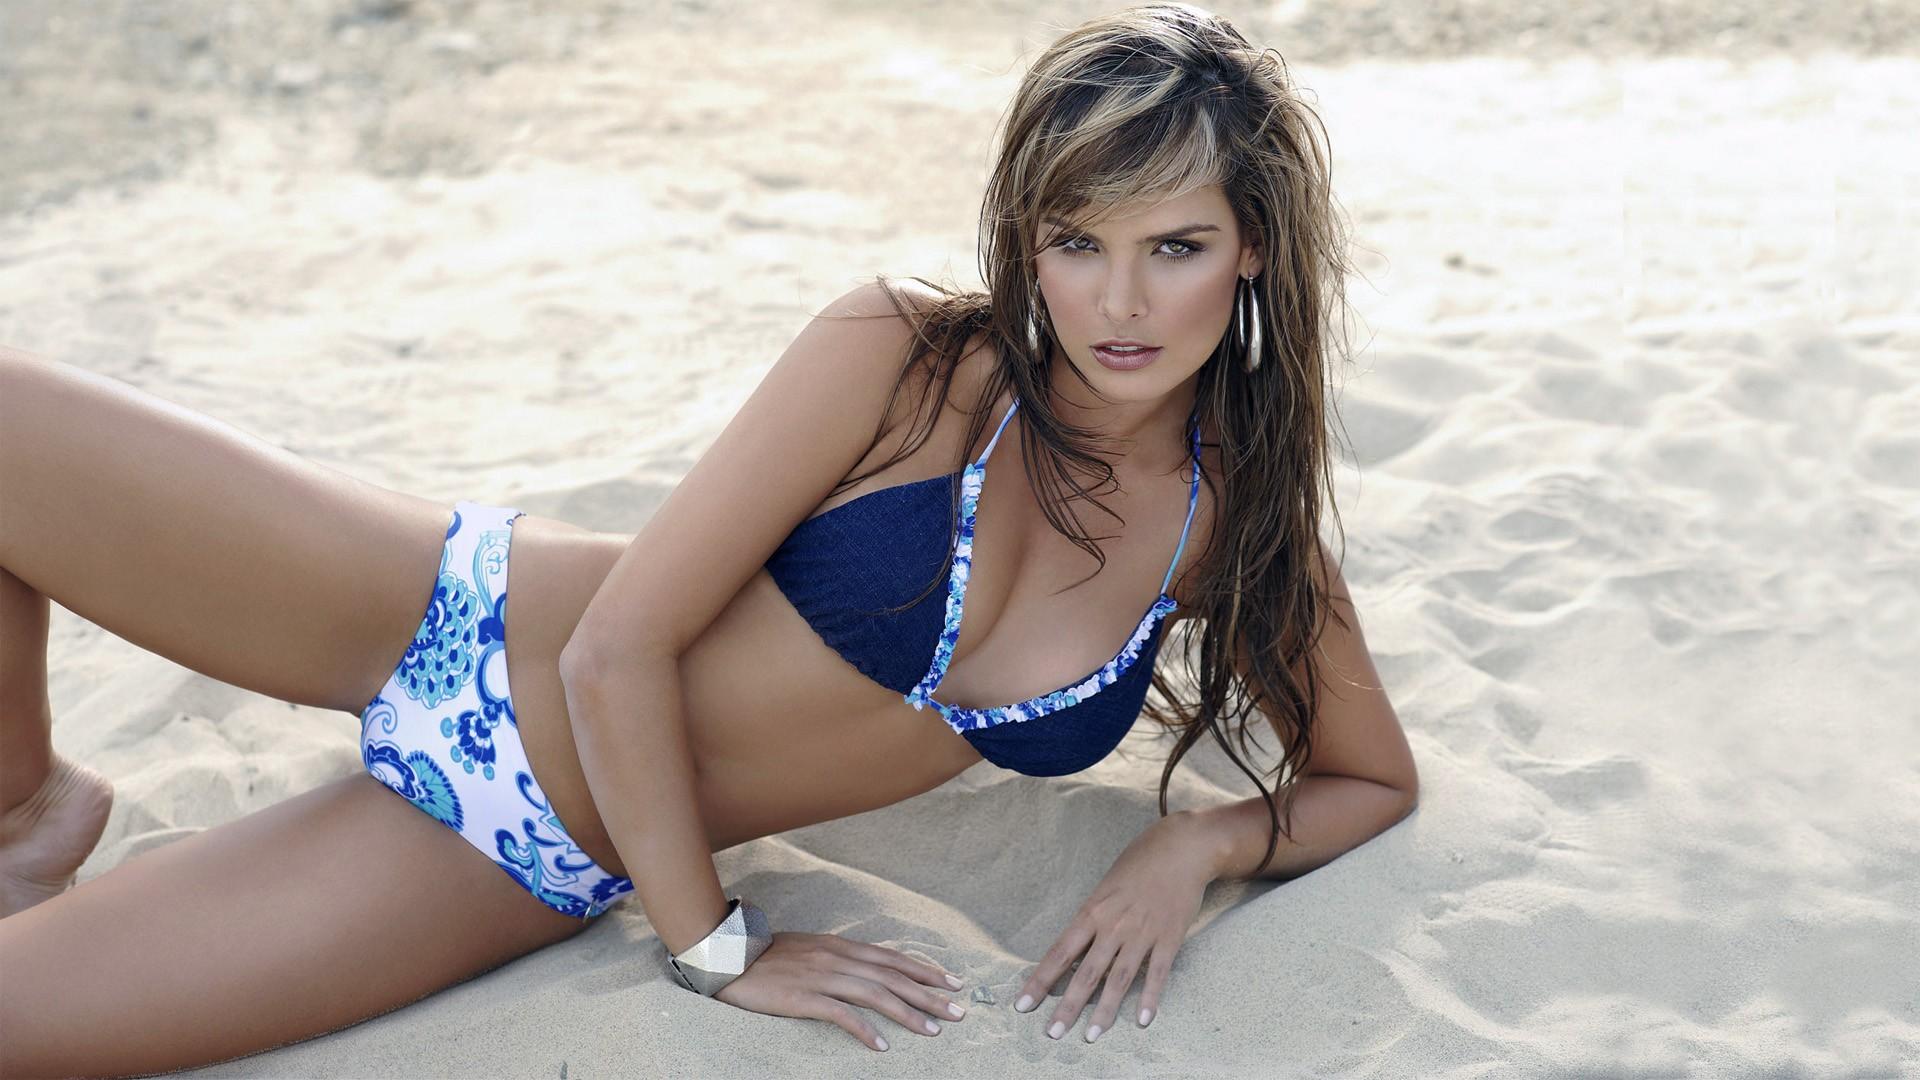 Sexy Melissa Giraldo nude photos 2019